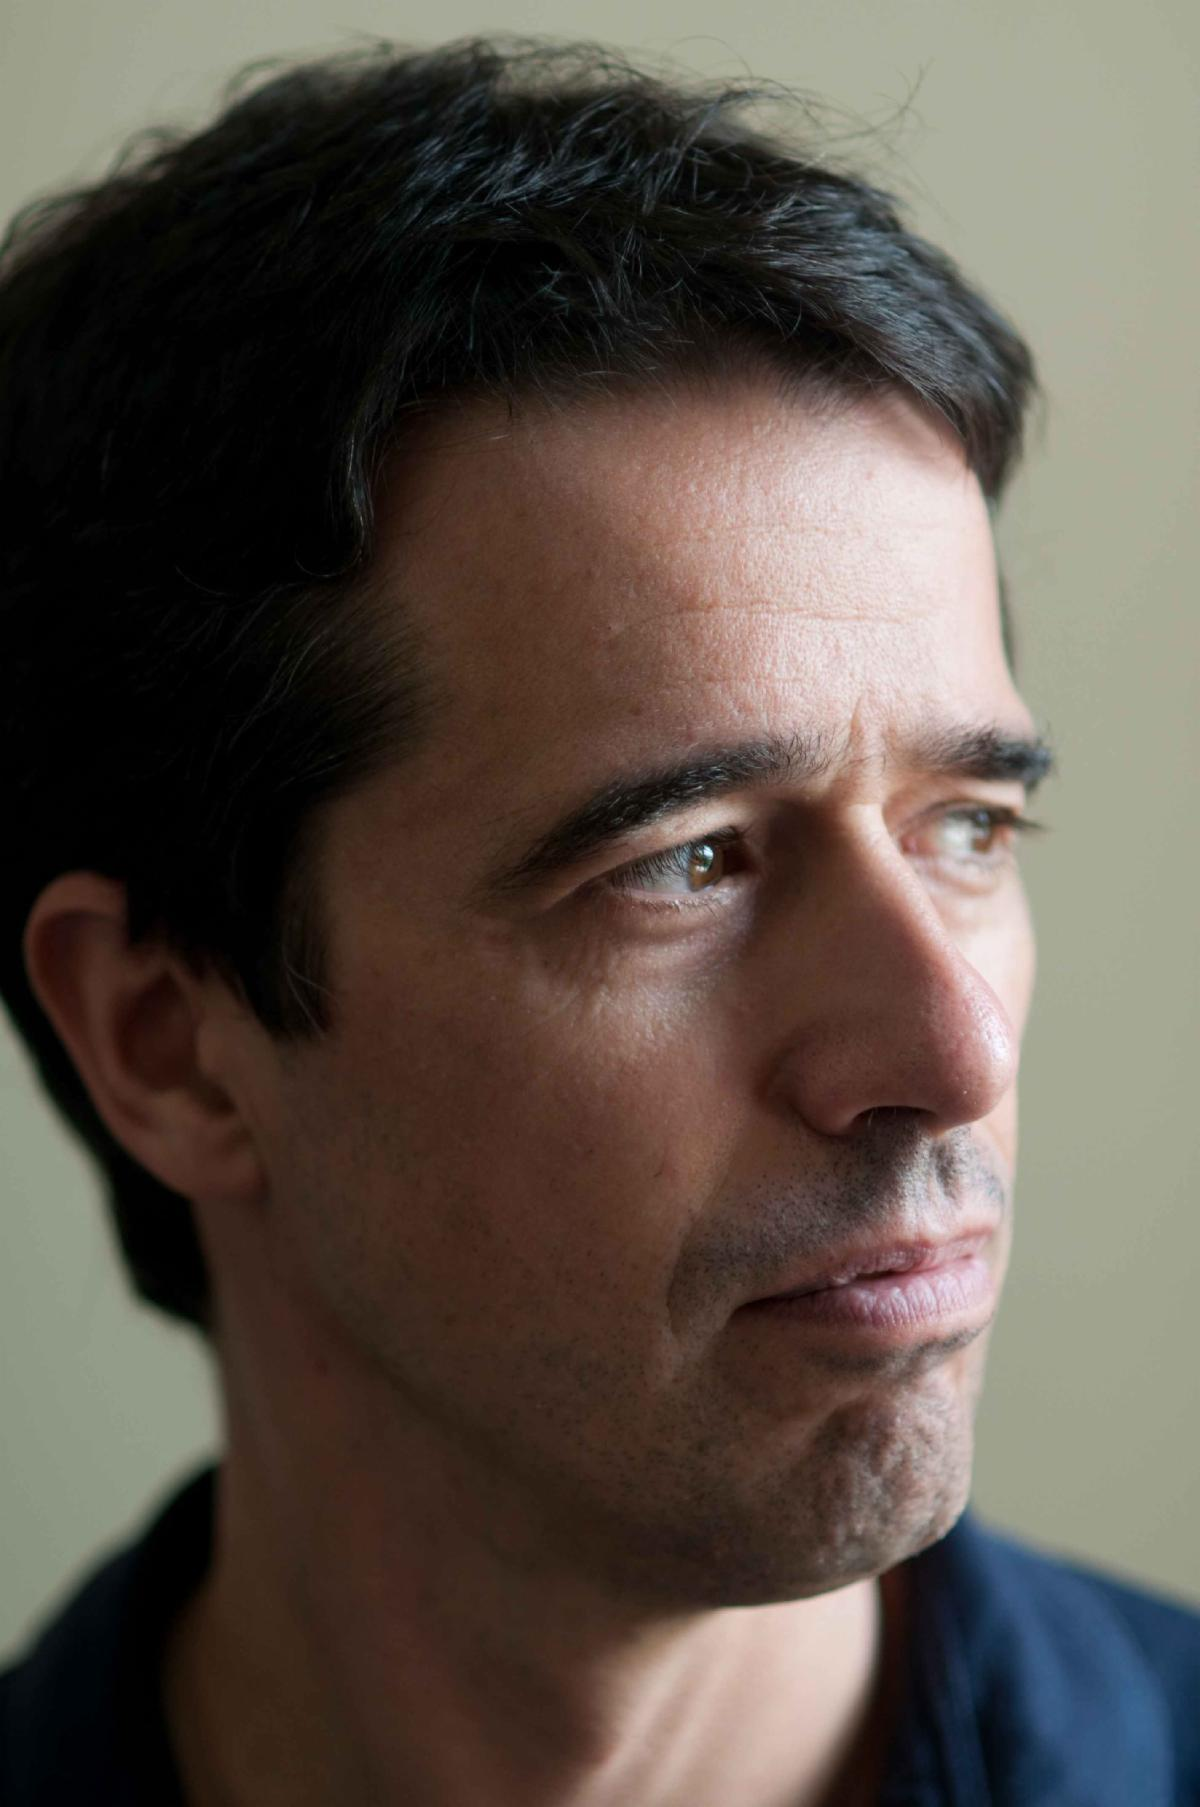 João Pedro Oliveira